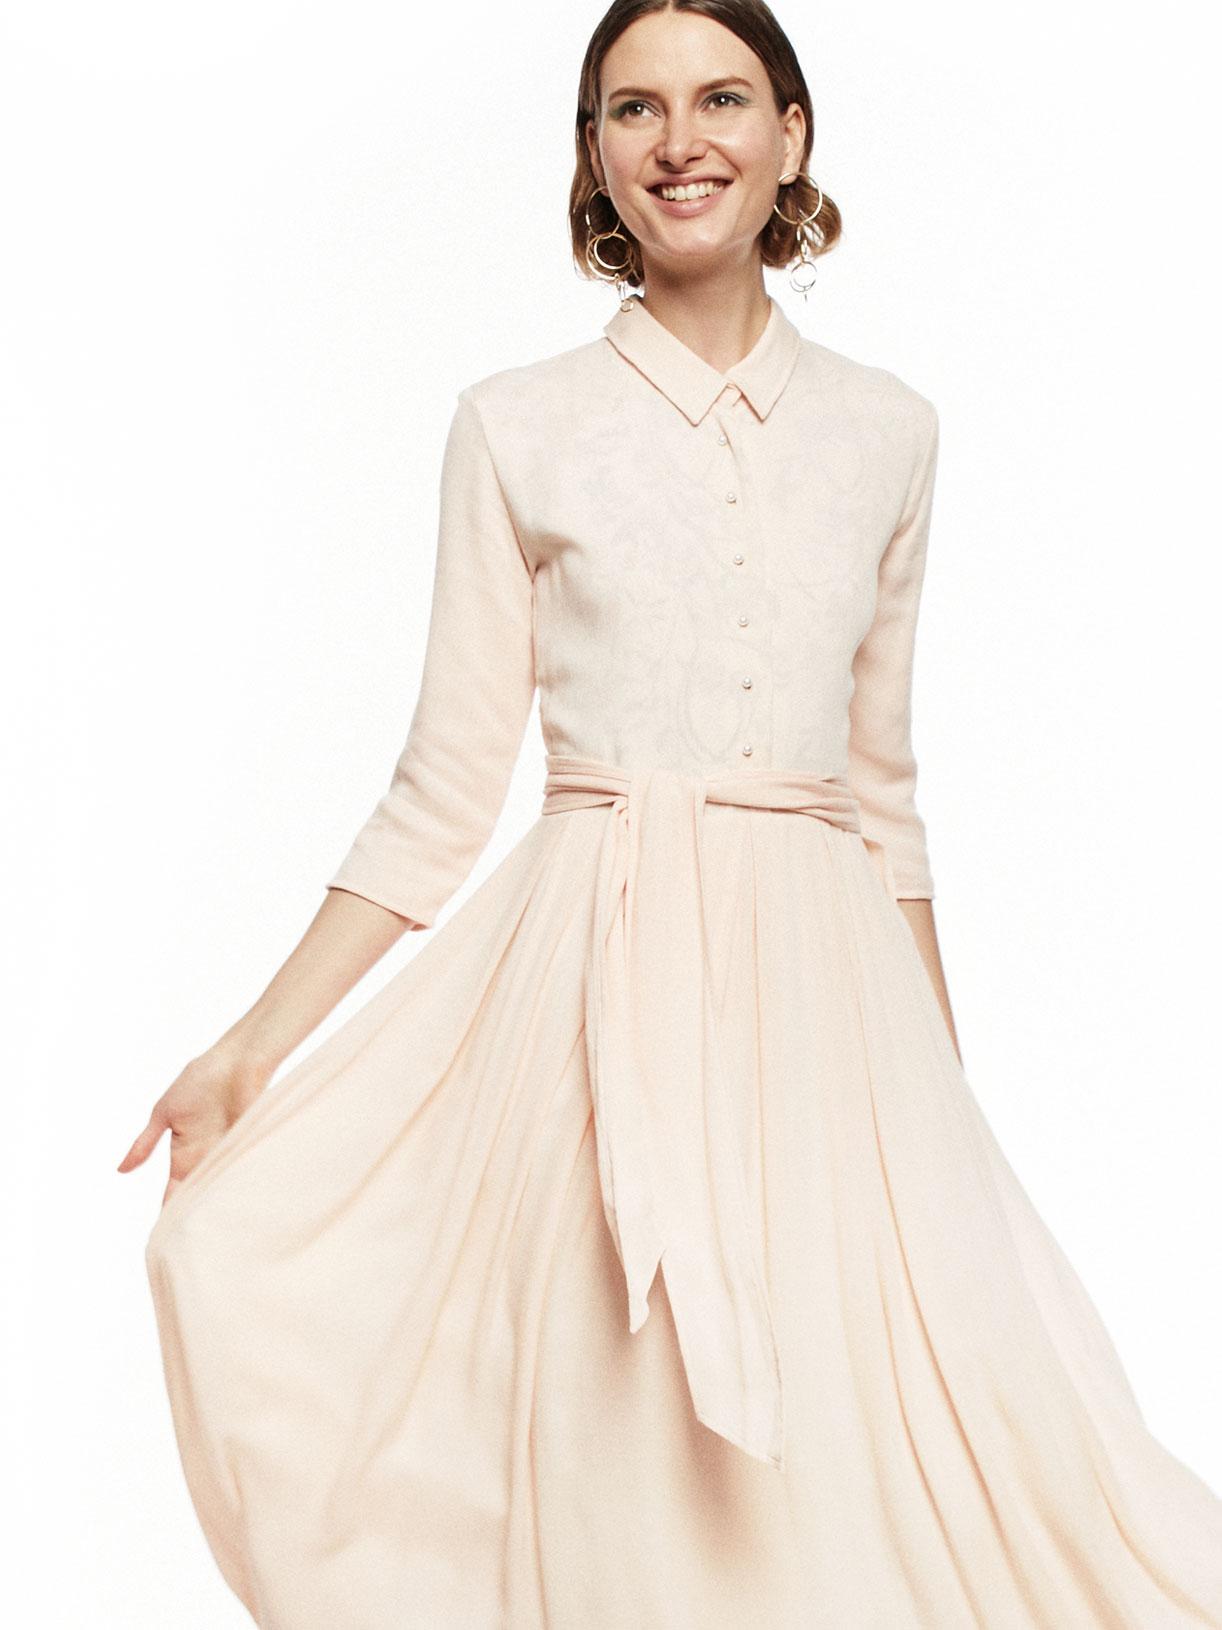 Robe plissée d'invitée mariage rose poudre écoresponsable - Creatrice de mode éthique et bio a Paris - Myphilosophy